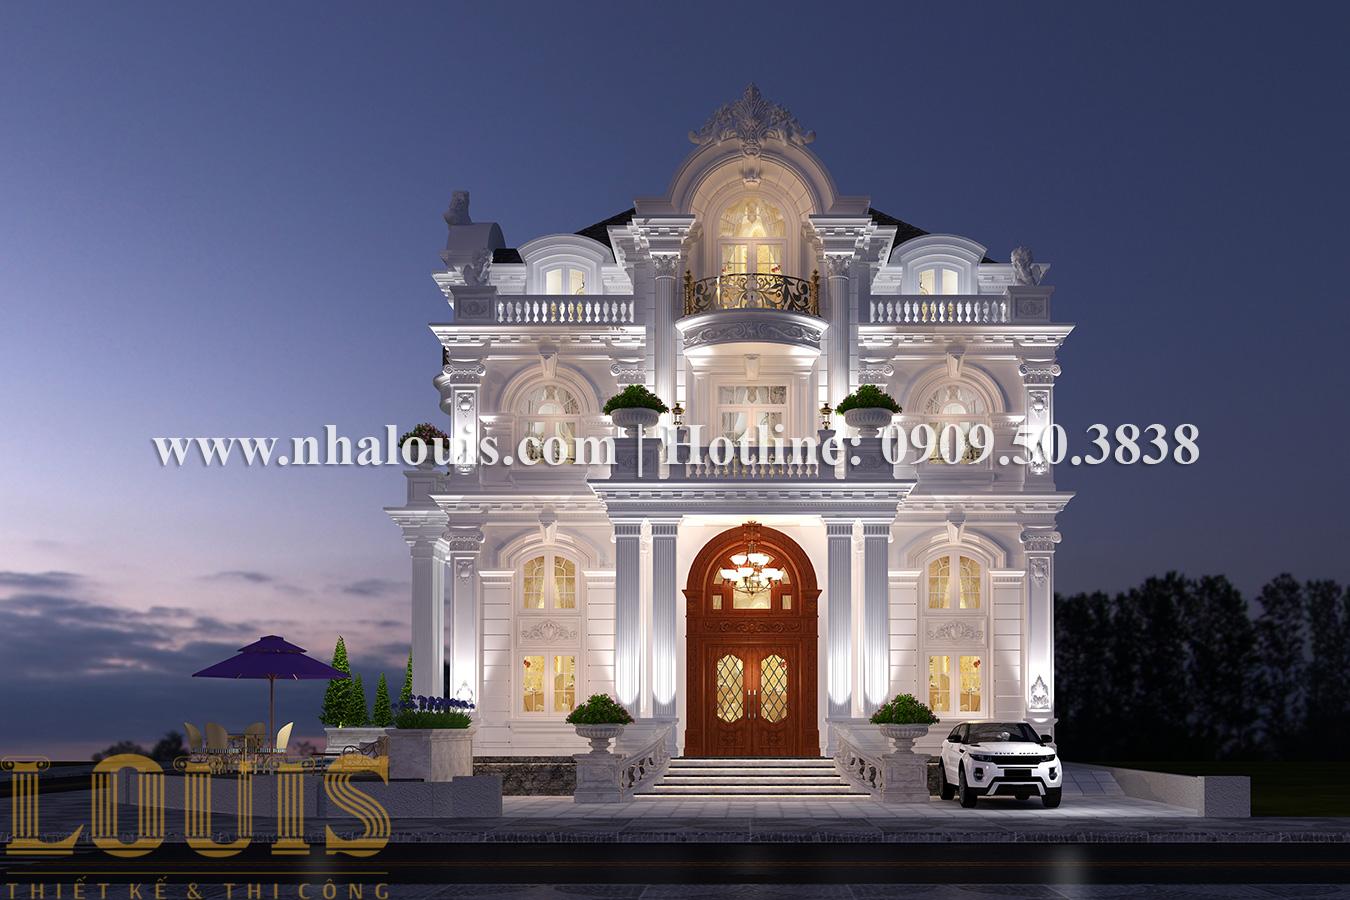 Thiết kế mẫu biệt thự kiểu Pháp 4 tầng tại Quận 9 đẹp kiêu sa - 01